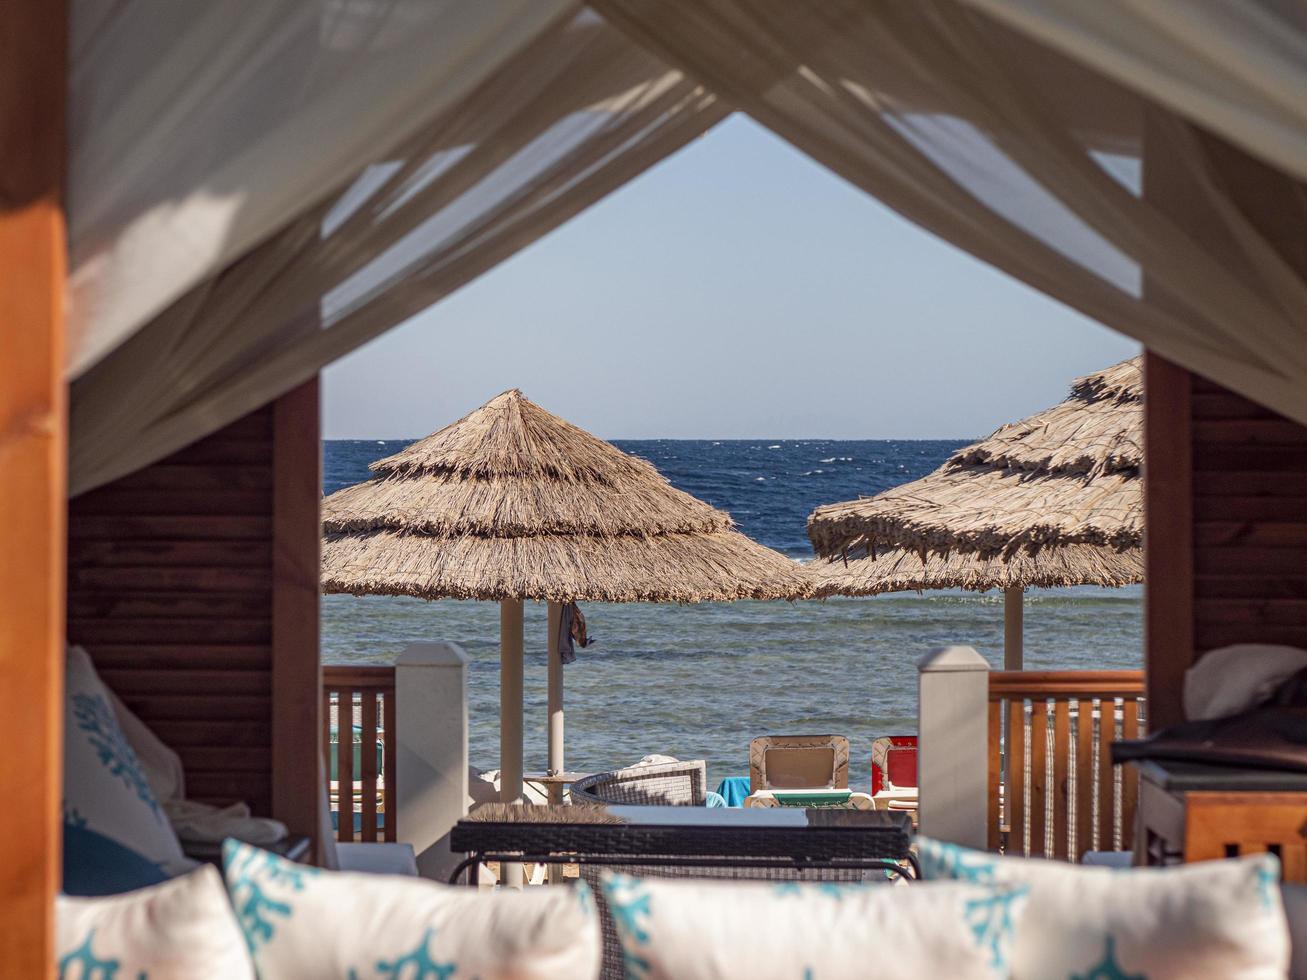 capanna di vacanza al mare sull'oceano foto